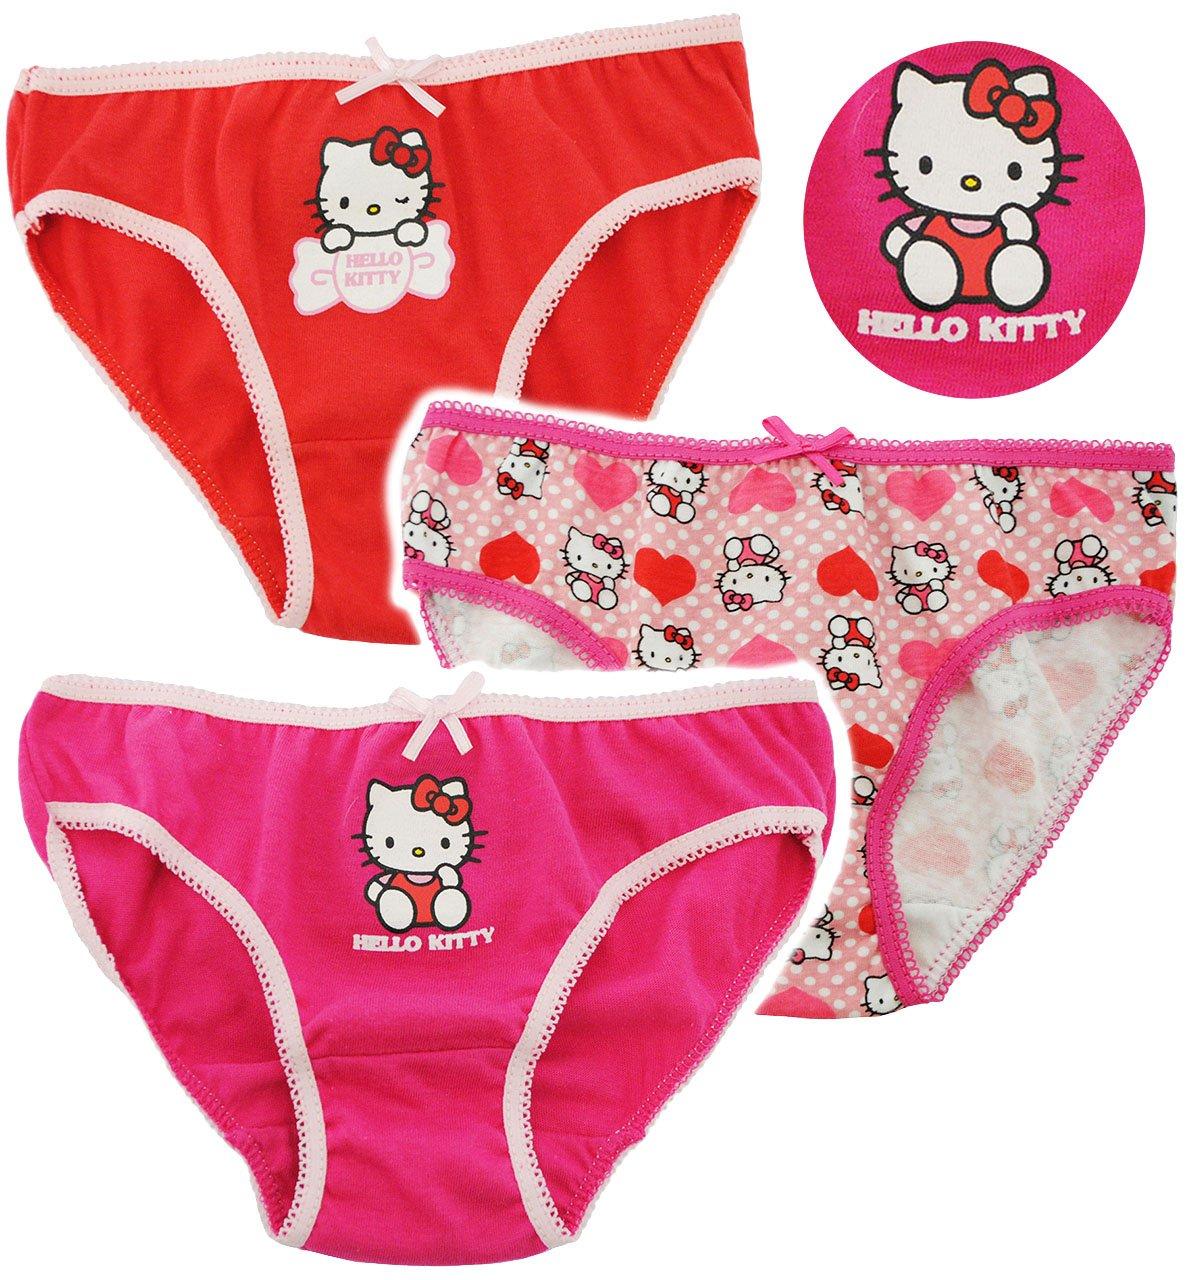 alles-meine.de GmbH 3 tlg. Slip / Unterhosen - Katze - Hello Kitty - Incl. Name -Größe 4 bis 5..